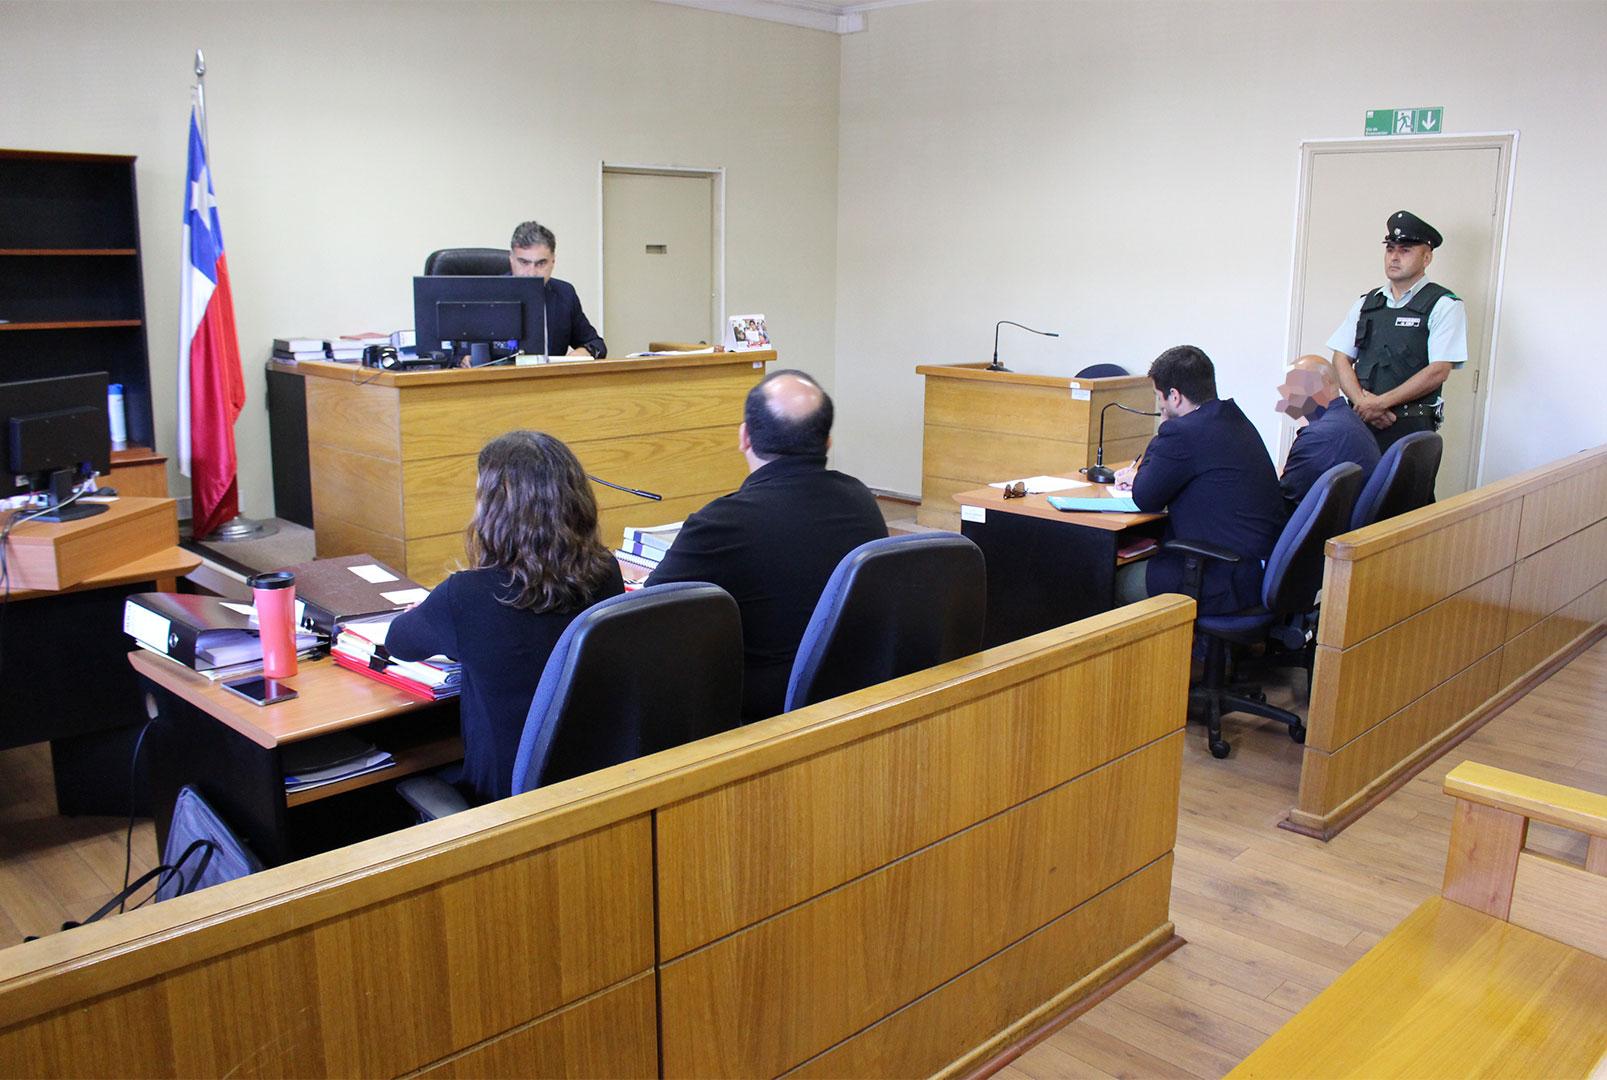 En prisión preventiva ex carabinero formalizado por distintos delitos cometidos en Huasco